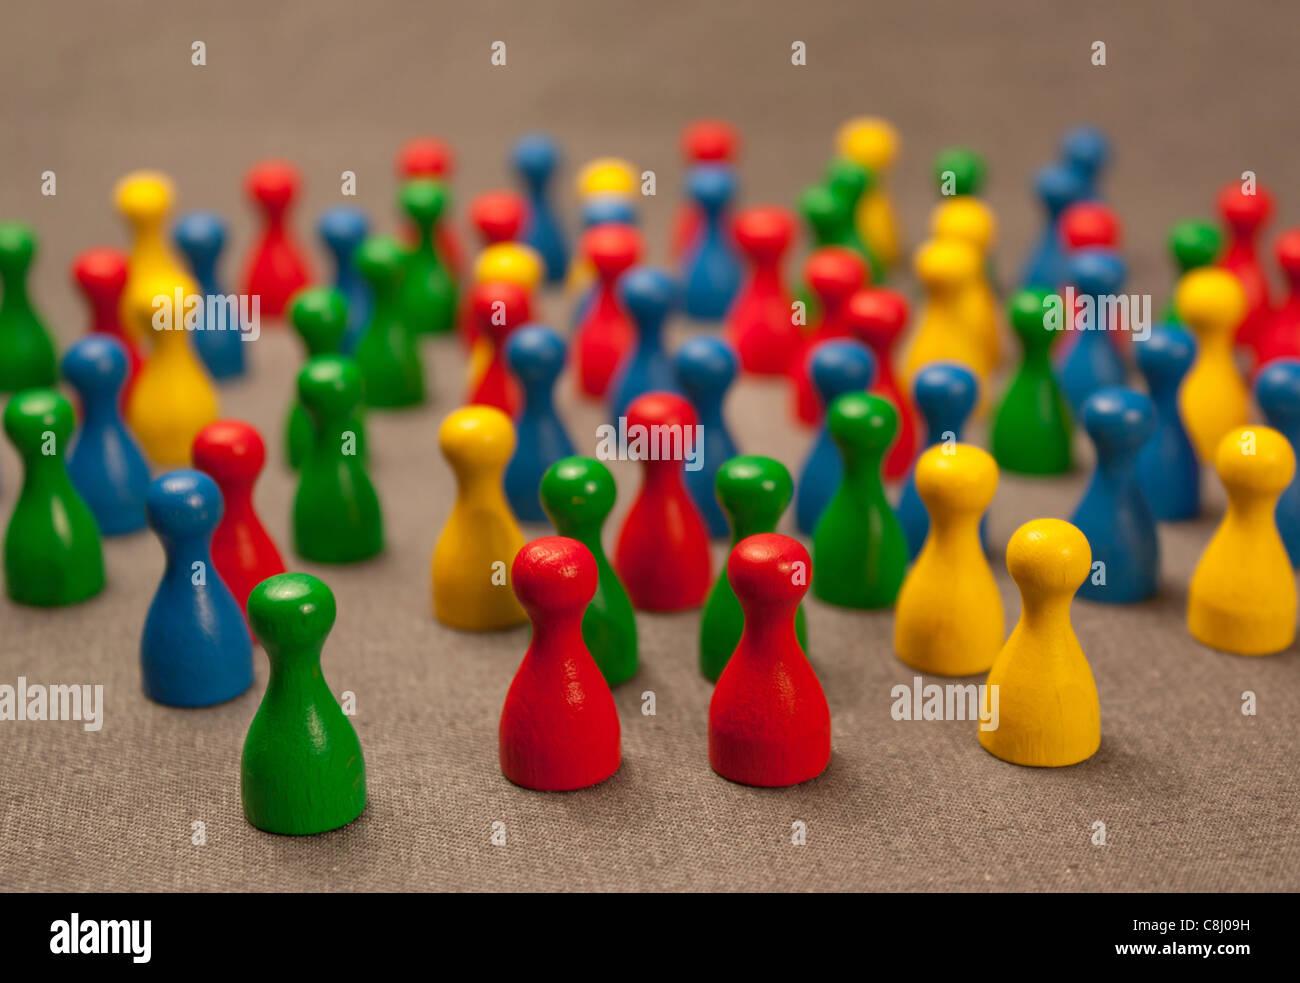 Überfüllt, bunte Spielsteine. Stockbild